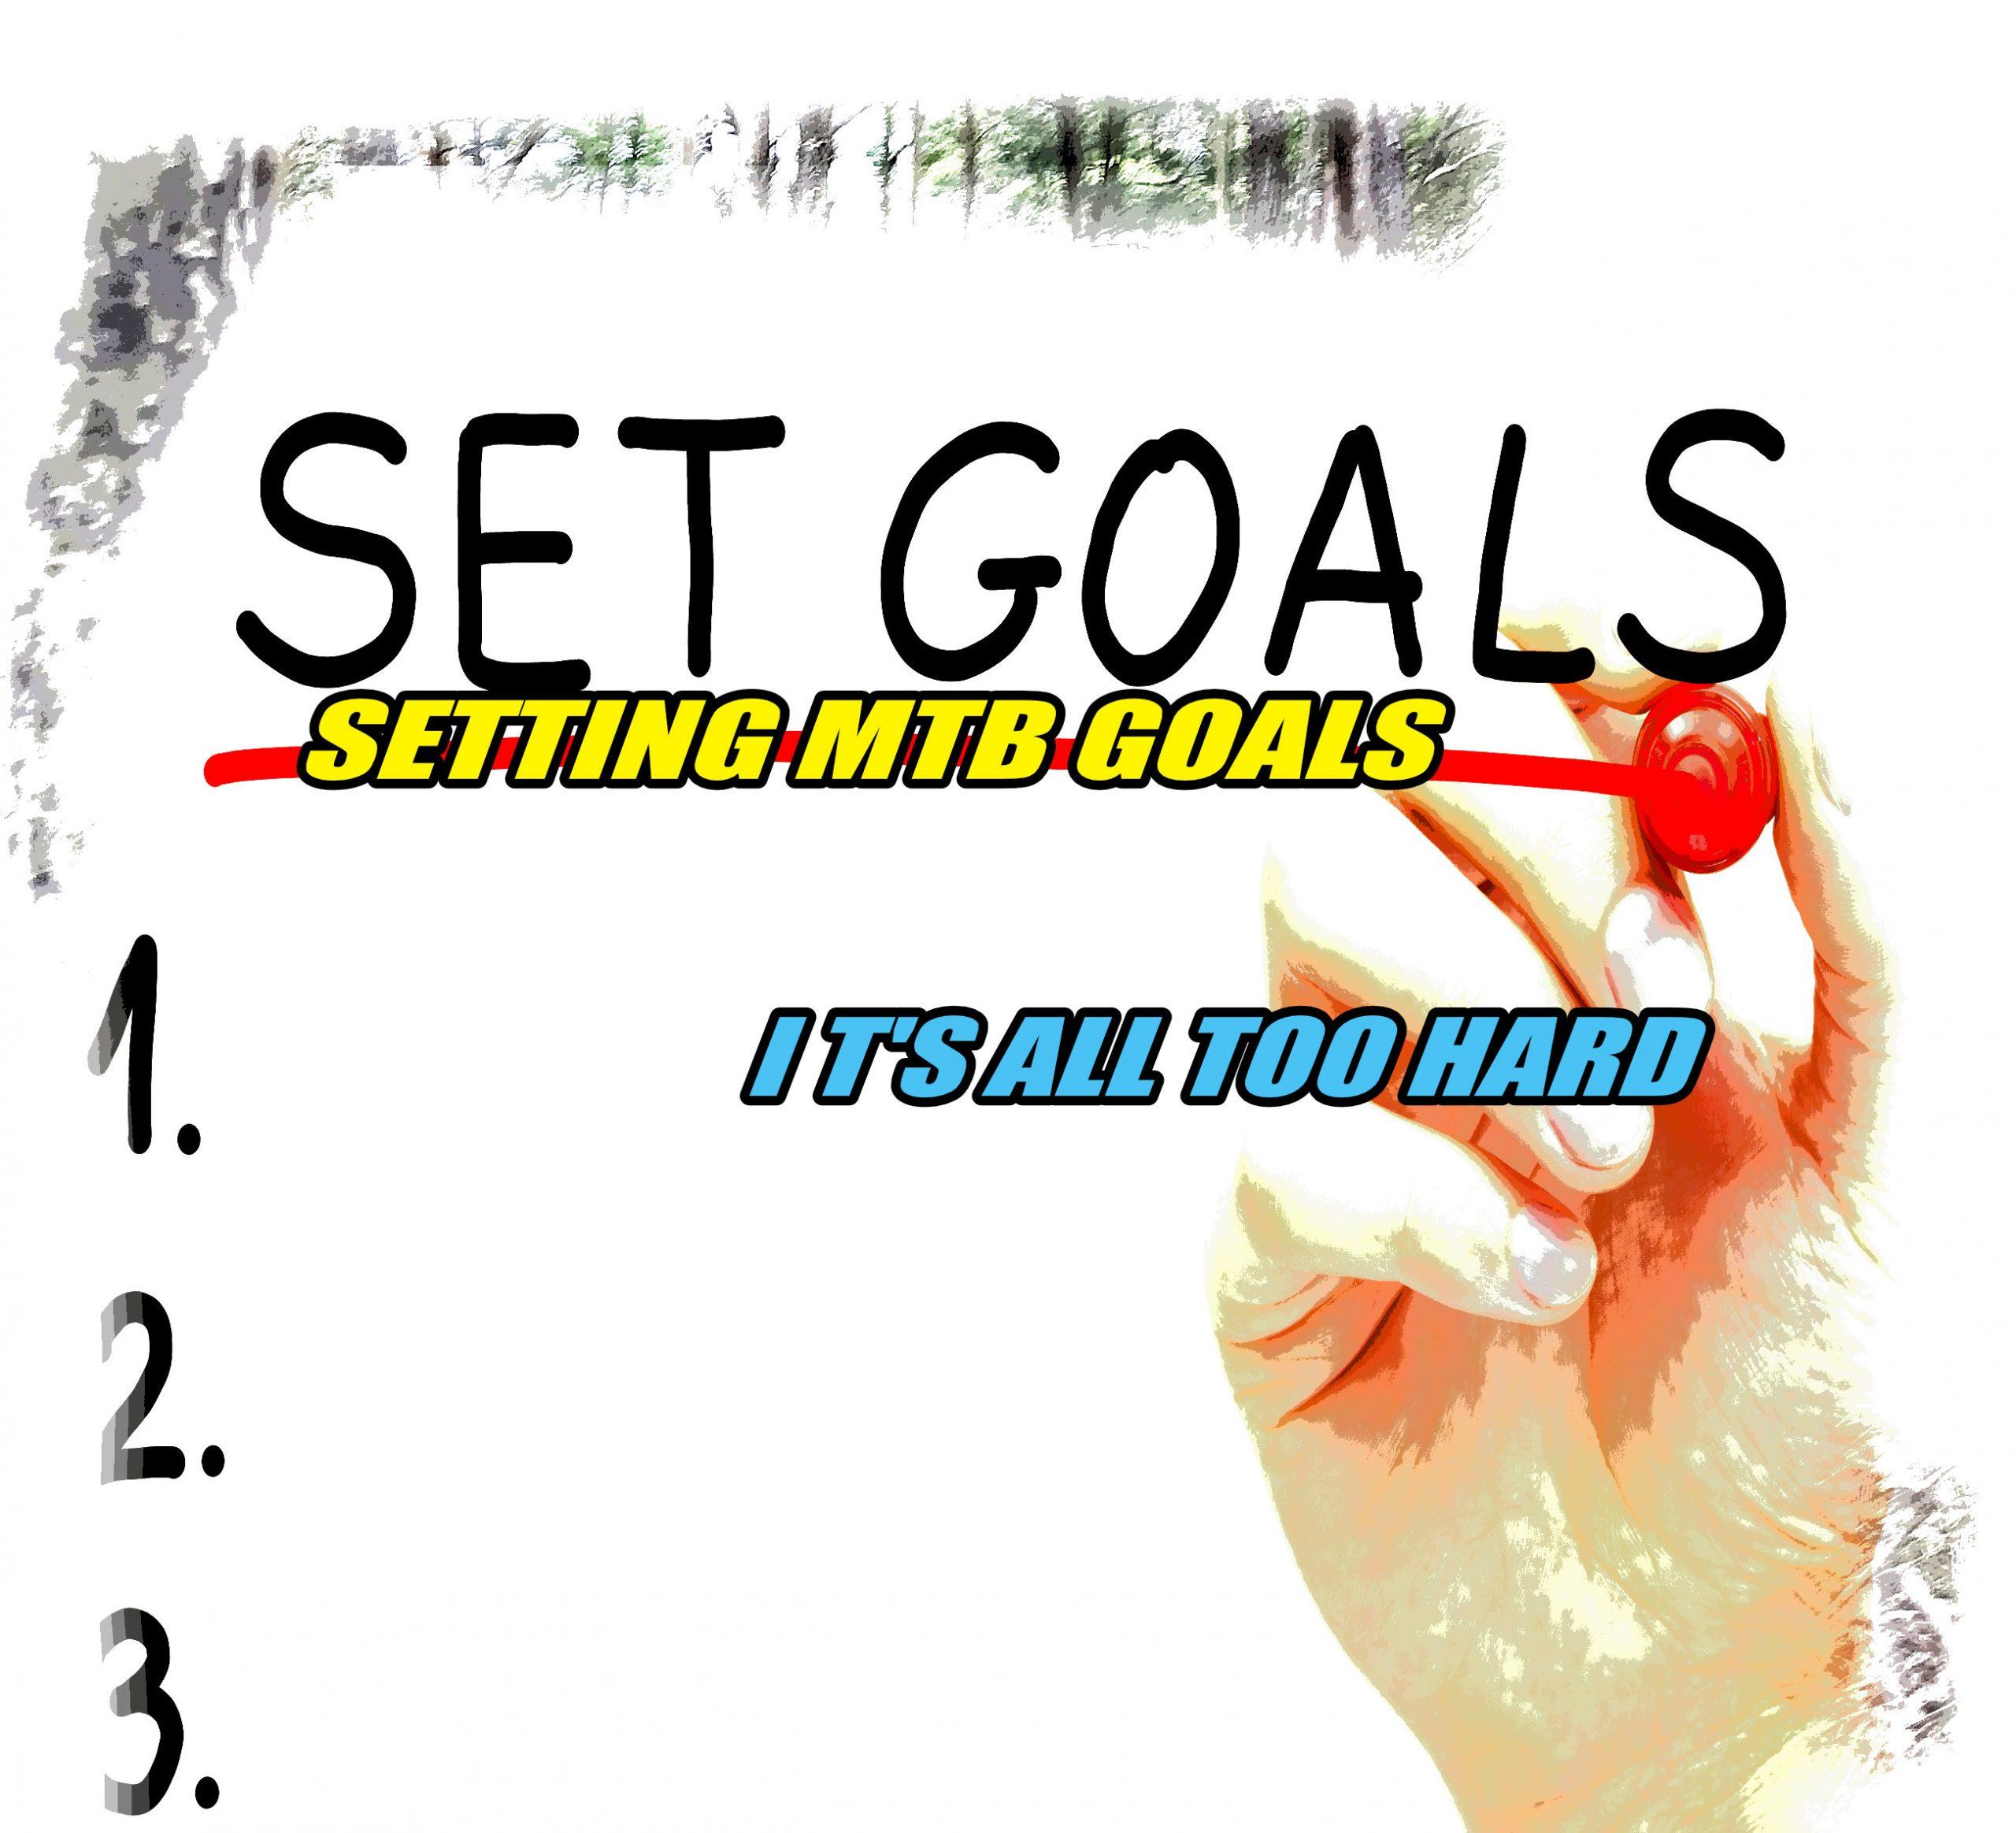 setting mtb goals